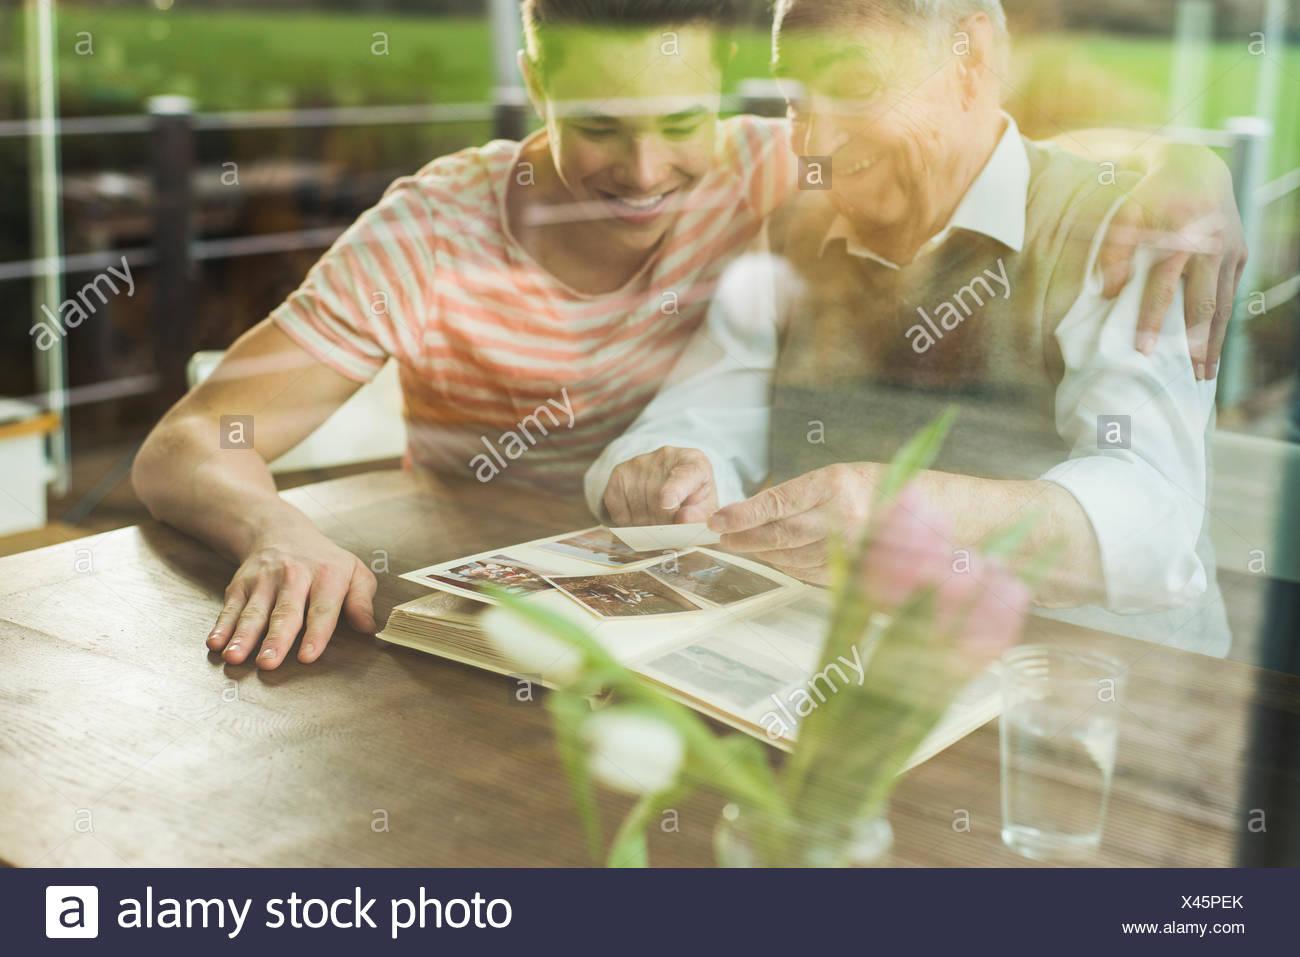 Nonno e nipote guardando vecchie fotografie insieme Immagini Stock